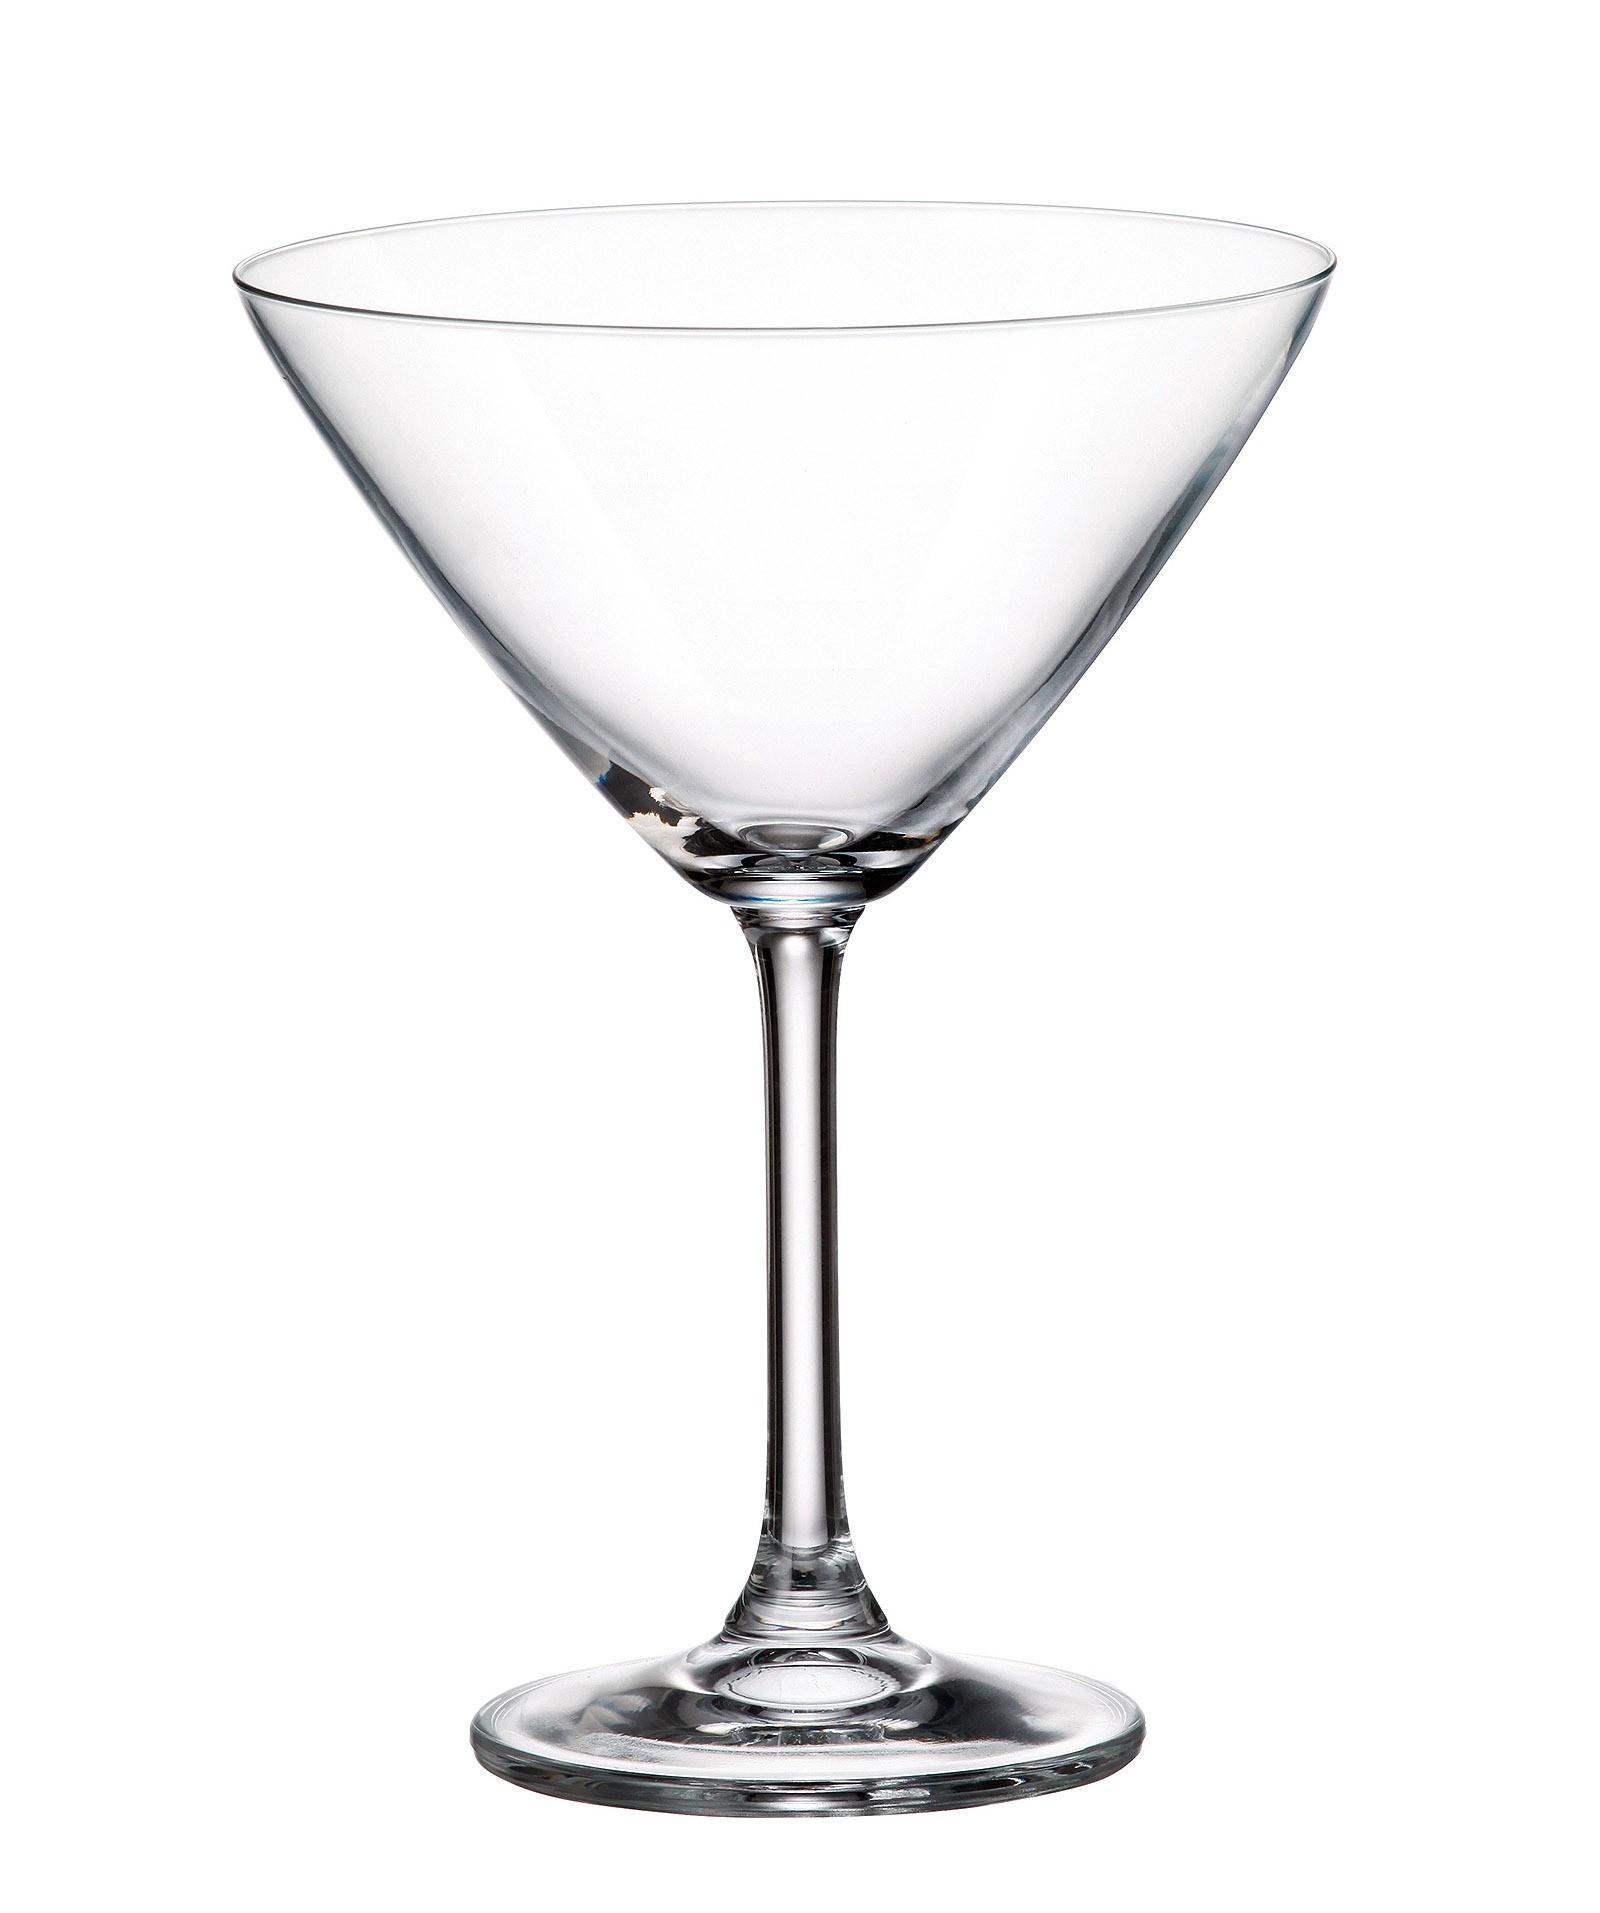 Ποτήρι Martini Colibri Σετ 6Τμχ Κρυστάλλινο 280ml Bohemia home   ειδη σερβιρισματος   ποτήρια